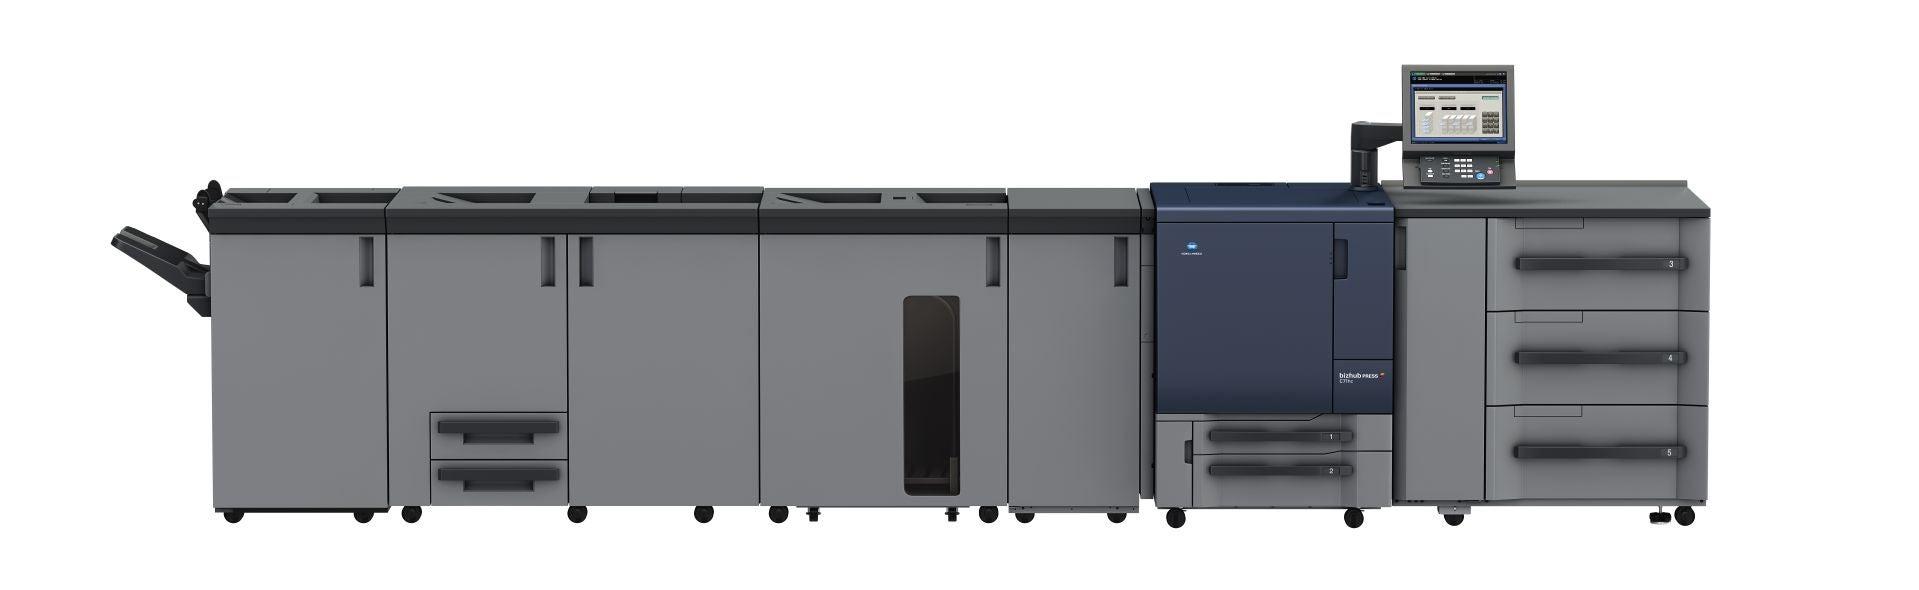 Profesionālais printeris Konica Minolta bizhub pro c71hc